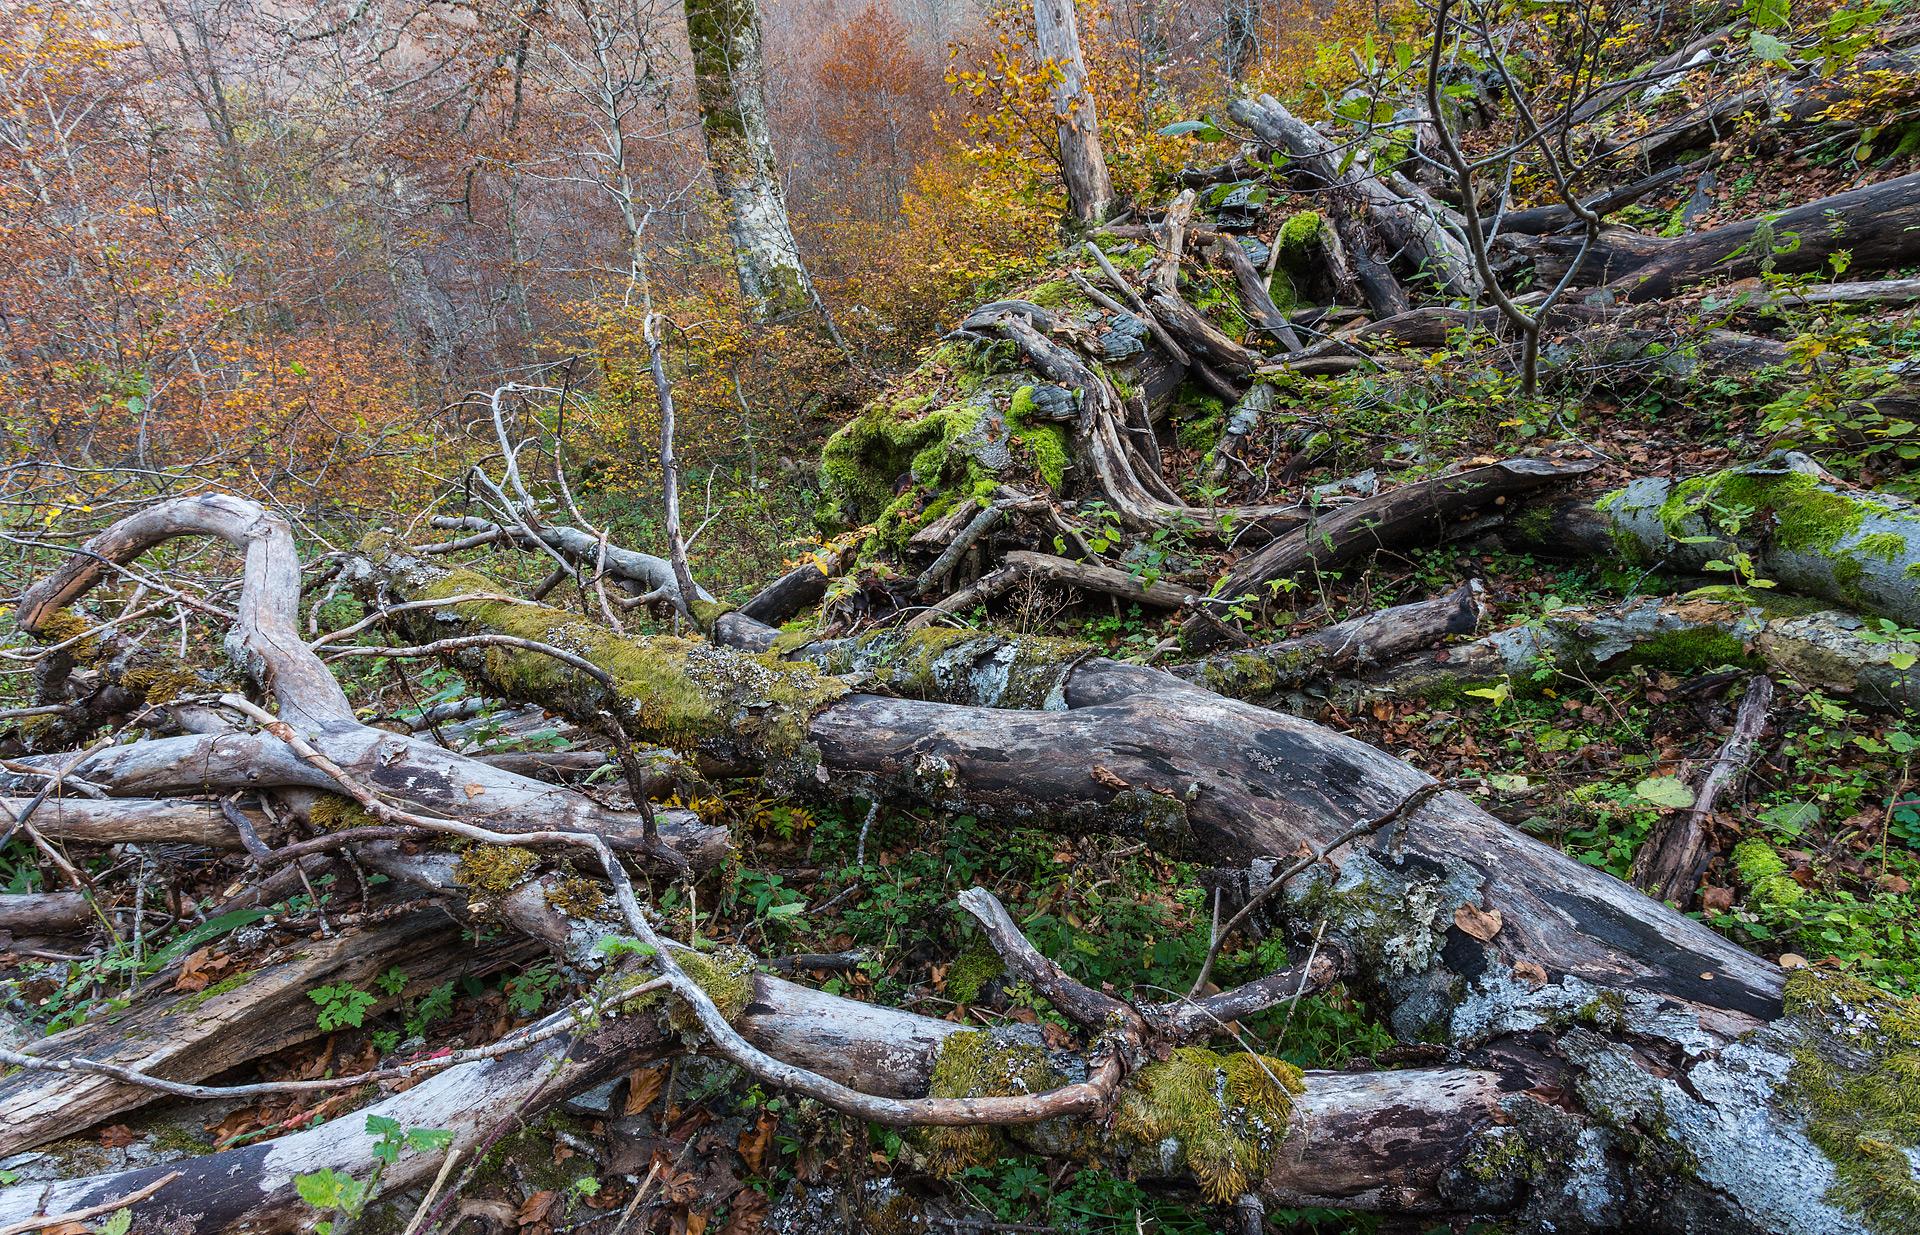 """Gran parte dell'anidride carbonica immagazzinata all'interno di un grande albero durante la sua lunga vita rimane intrappolata nelle cellule di legno morto, che vengono via via """"sotterate"""" in profondità dagli organi decompositori. Ciò permette il suo """"stoccaggio"""" nella porzione inerte del terreno e evita che la CO2 venga nuovamente liberata nell'atmosfera."""